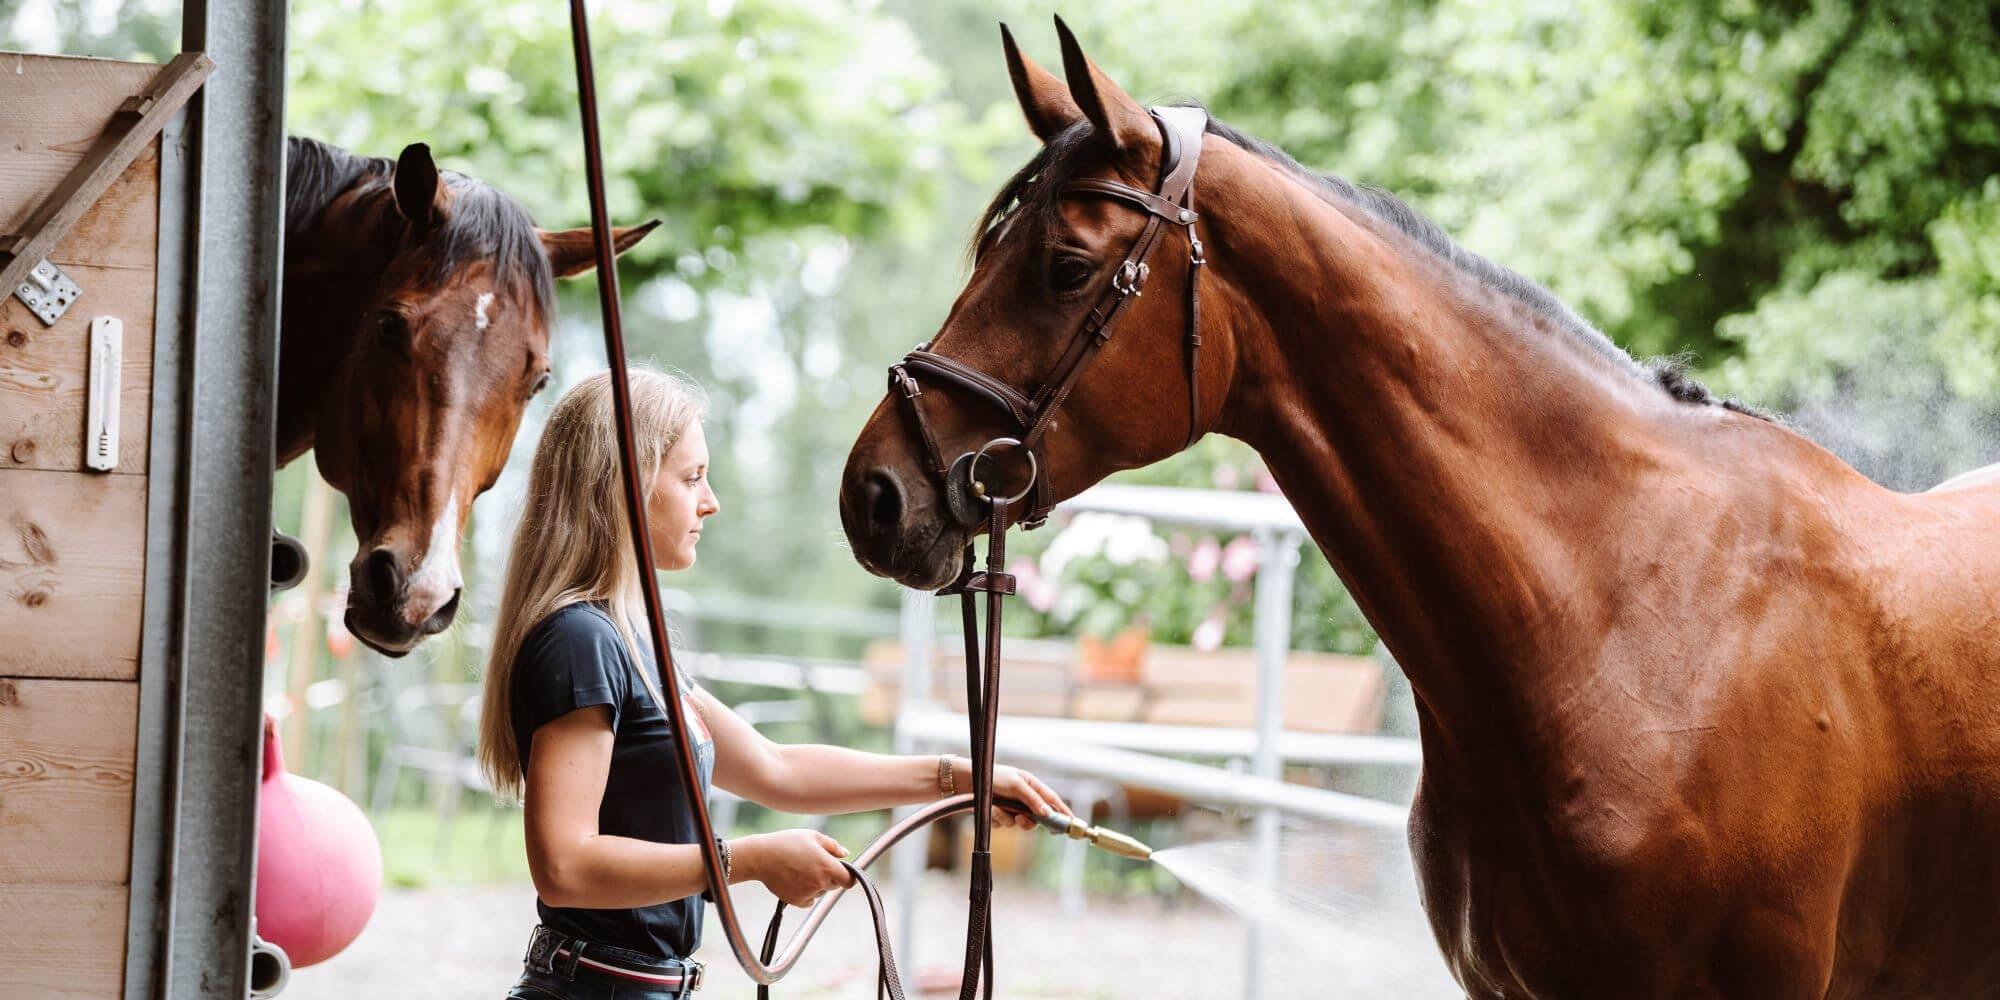 Pferde waschen & abspritzen - So wäschst du dein Pferd richtig